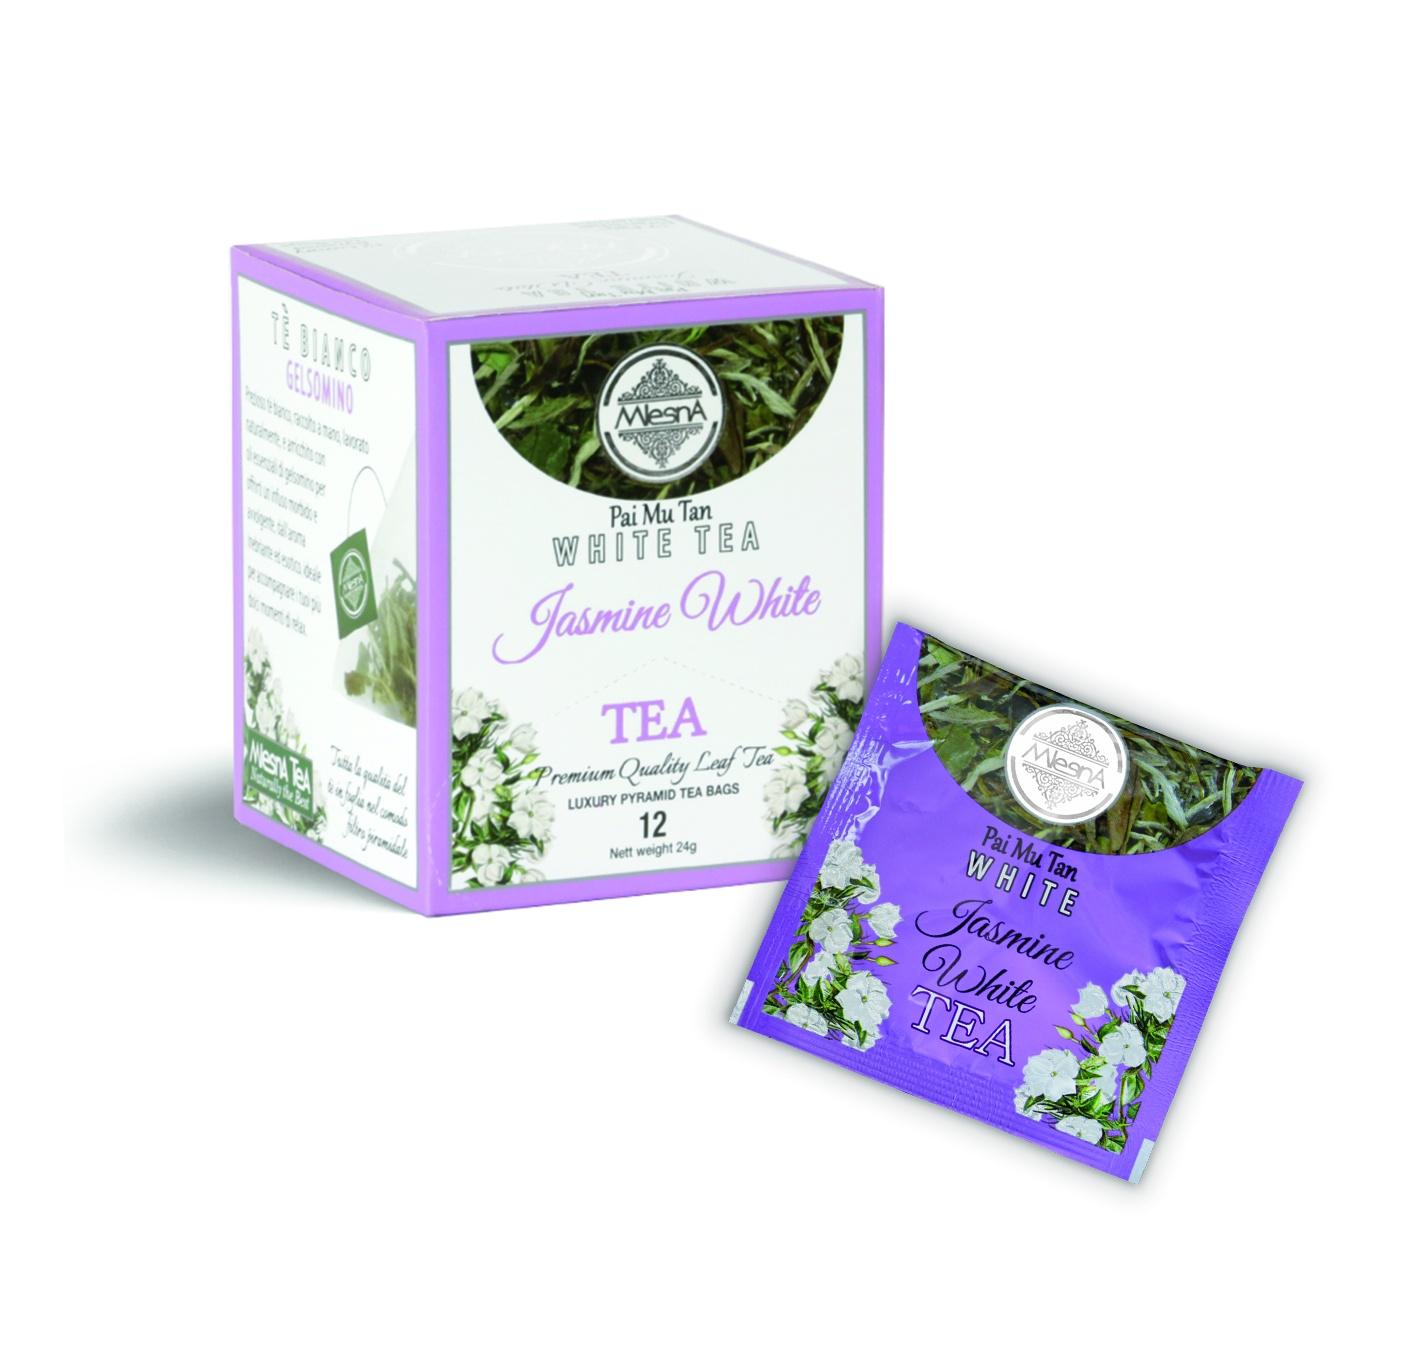 Čaje Mlesna SILVER TIP - JASMÍN - pyramida - PAI MU TAN 12ks MLESNA (Ceylon) Ltd. pravý čaj z Cejlonu